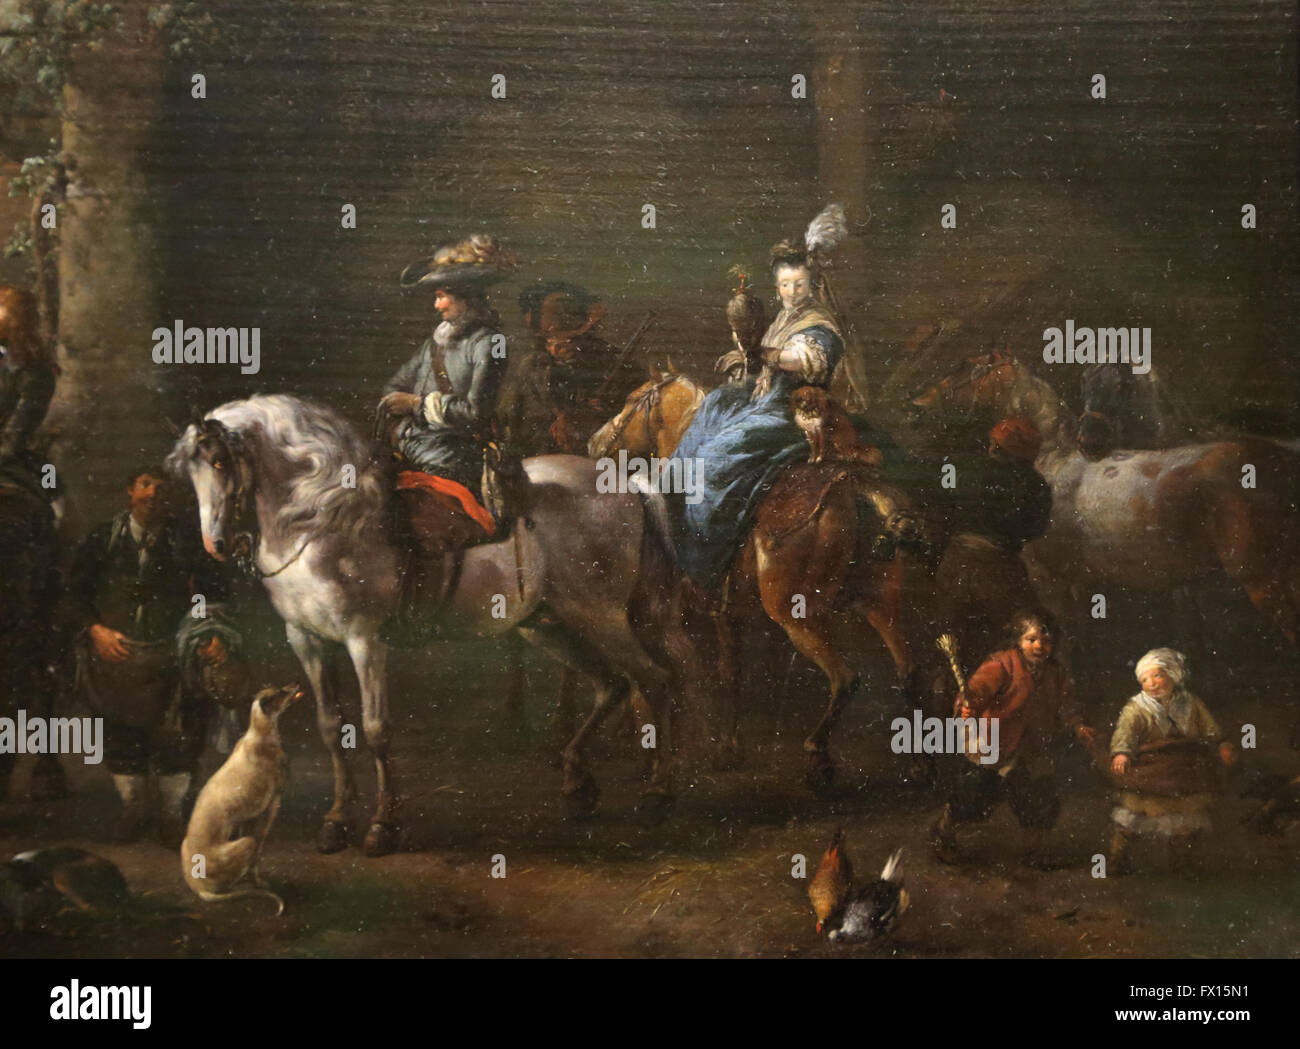 Philips Wouwerman (1619-1668). Niederländischer Maler. Die Abfahrt für die Falknerei. Louvre-Museum. Paris. Stockbild